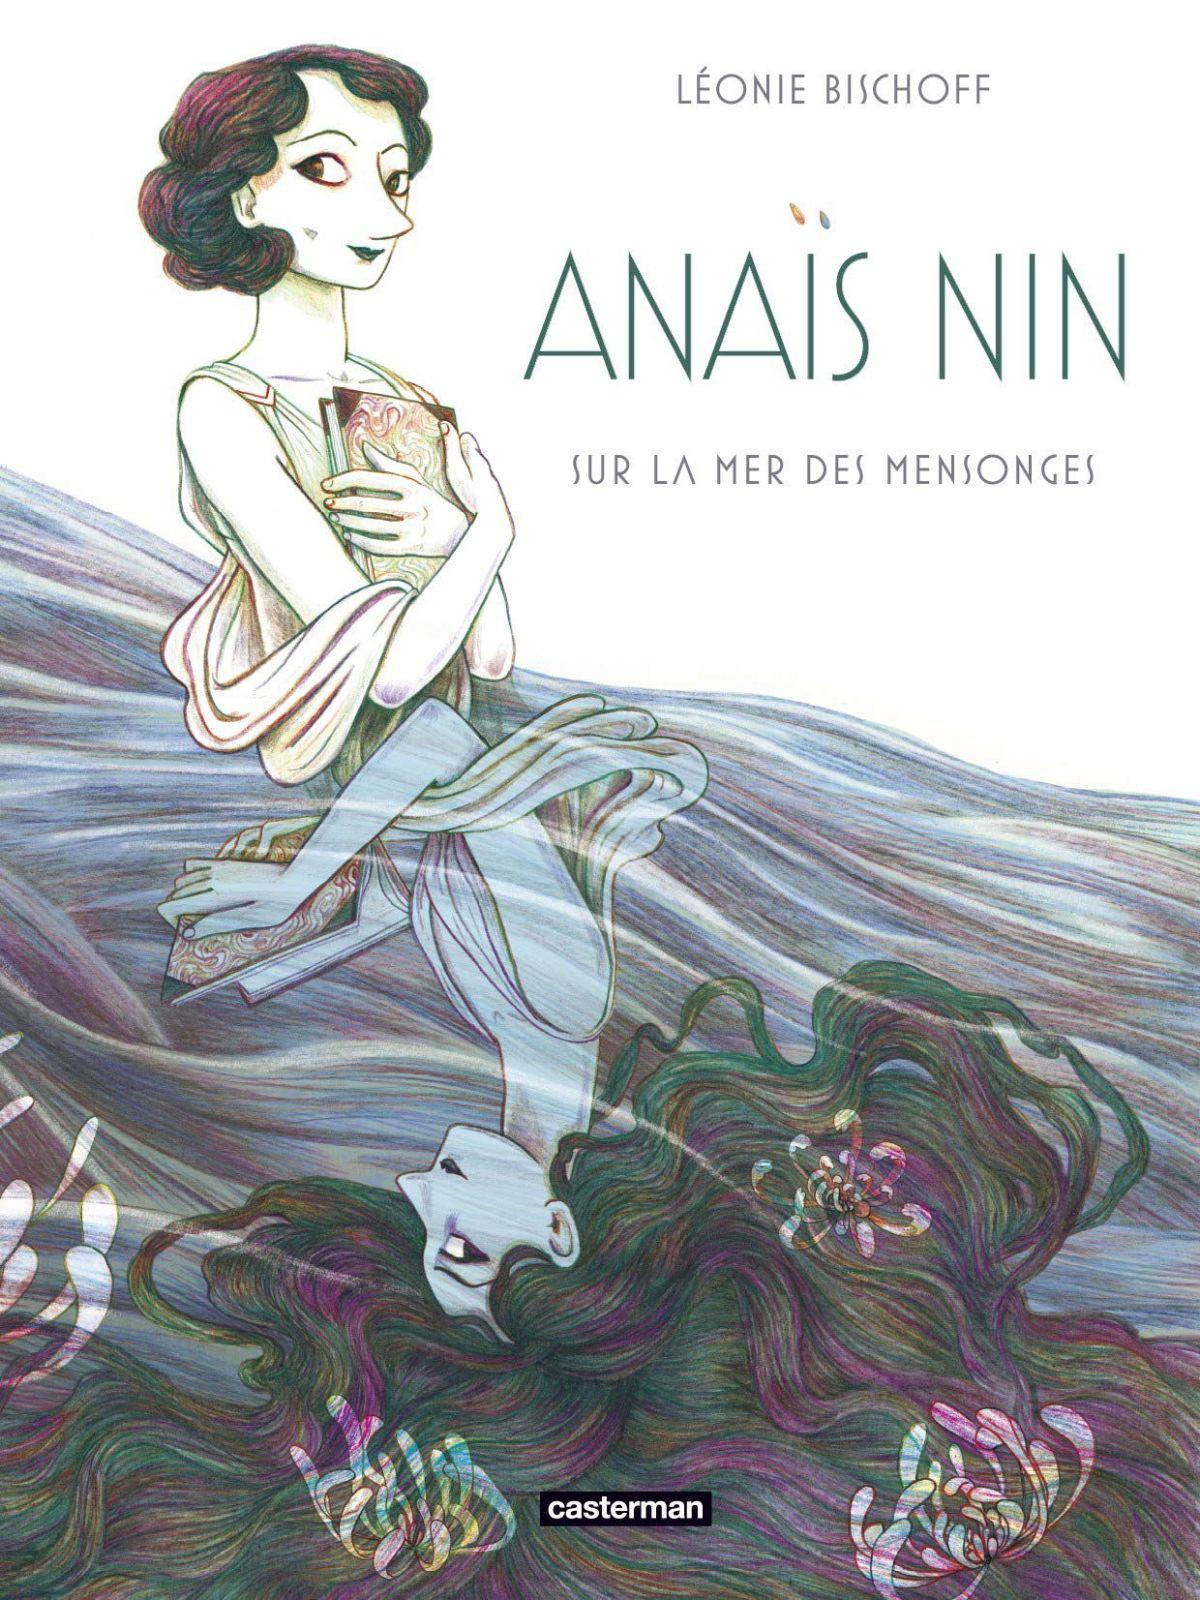 Couverture Anais Nin sur la mer des mensonges chez Casterman